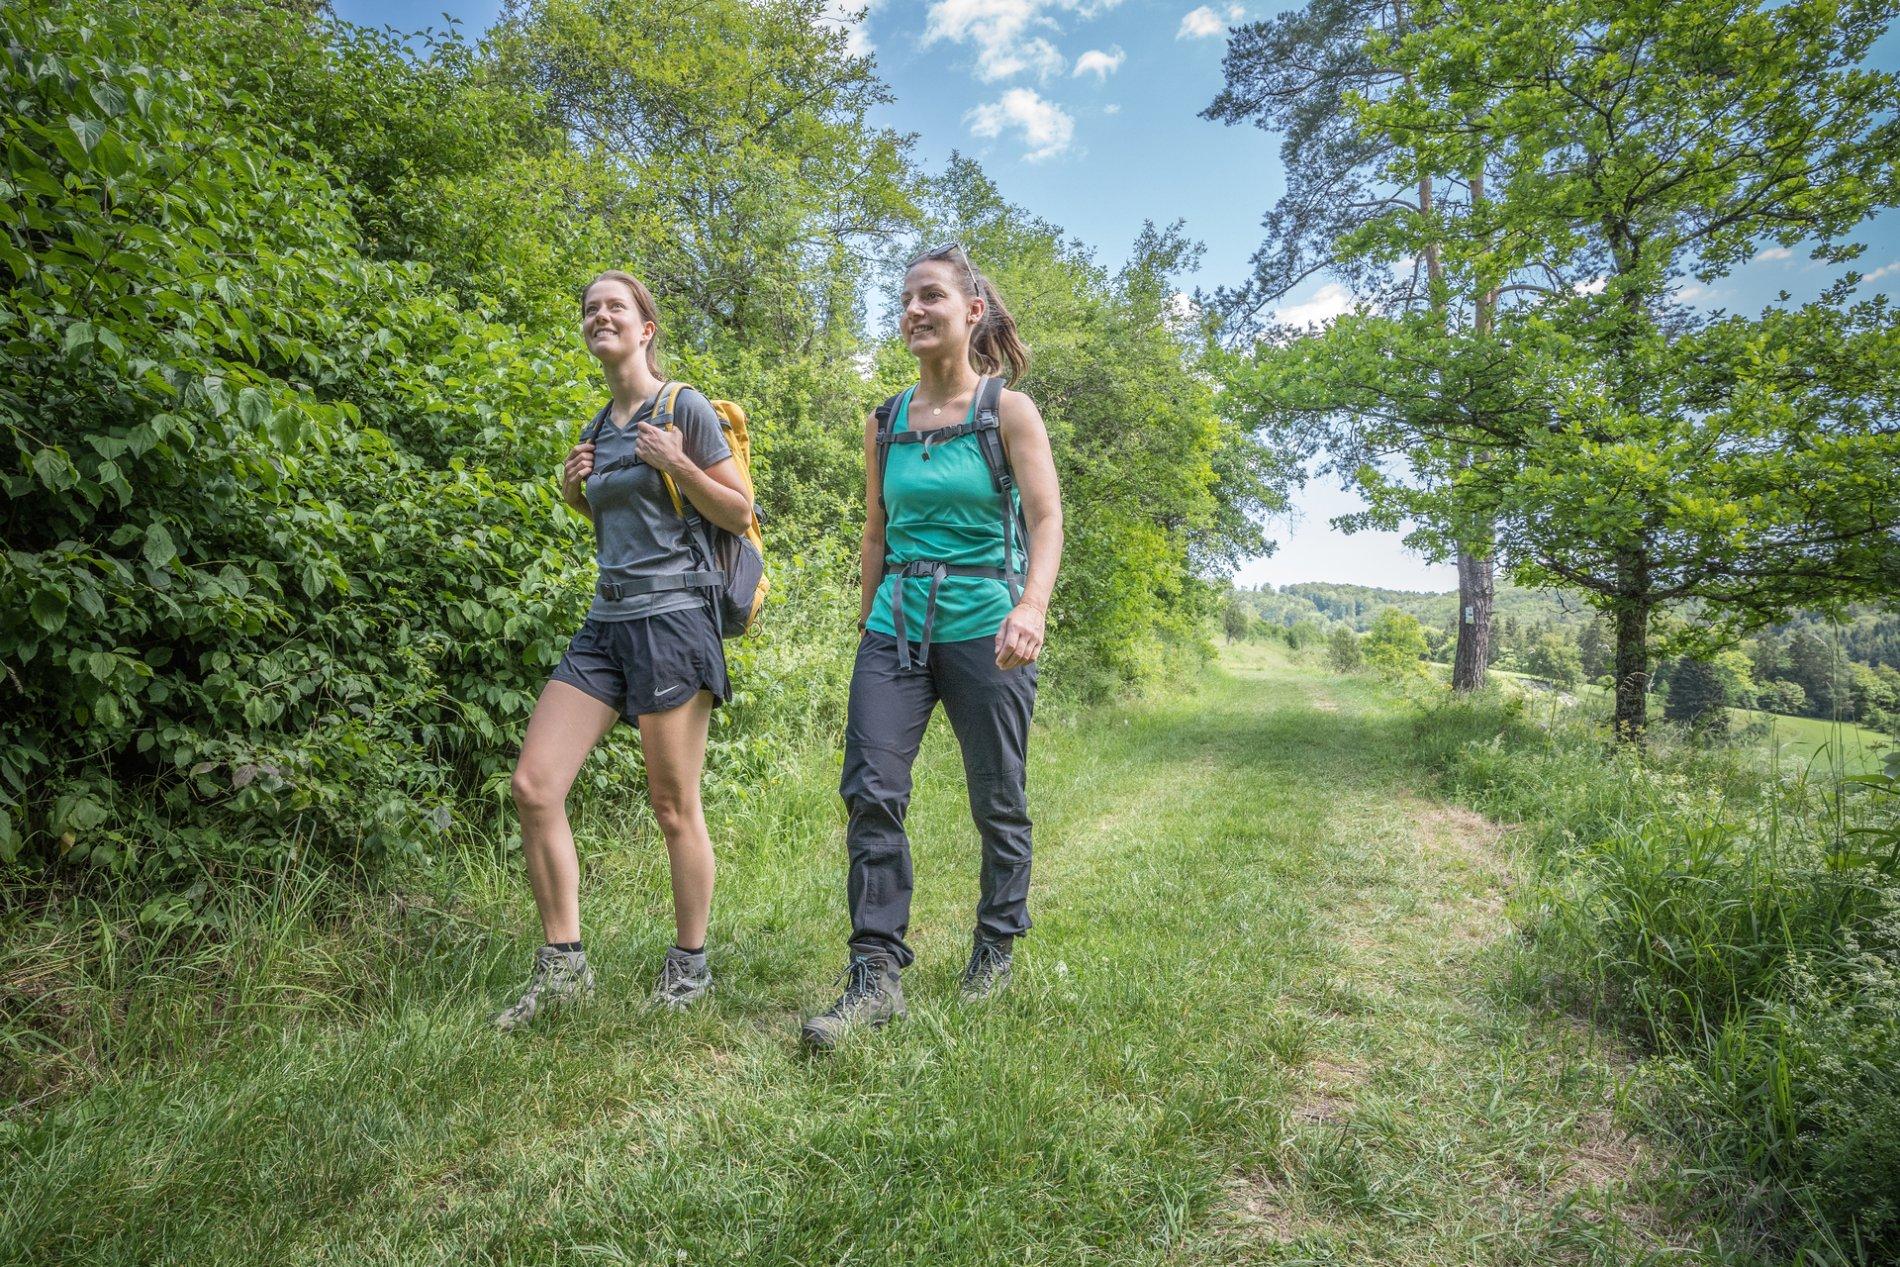 Zwei Wanderer*innen laufen über einen Wiesenweg und lächeln. Links und rechts sind Hecken und Bäume. Neben dem Weg wächst das Gras hoch. Es ist sonnig und warm.